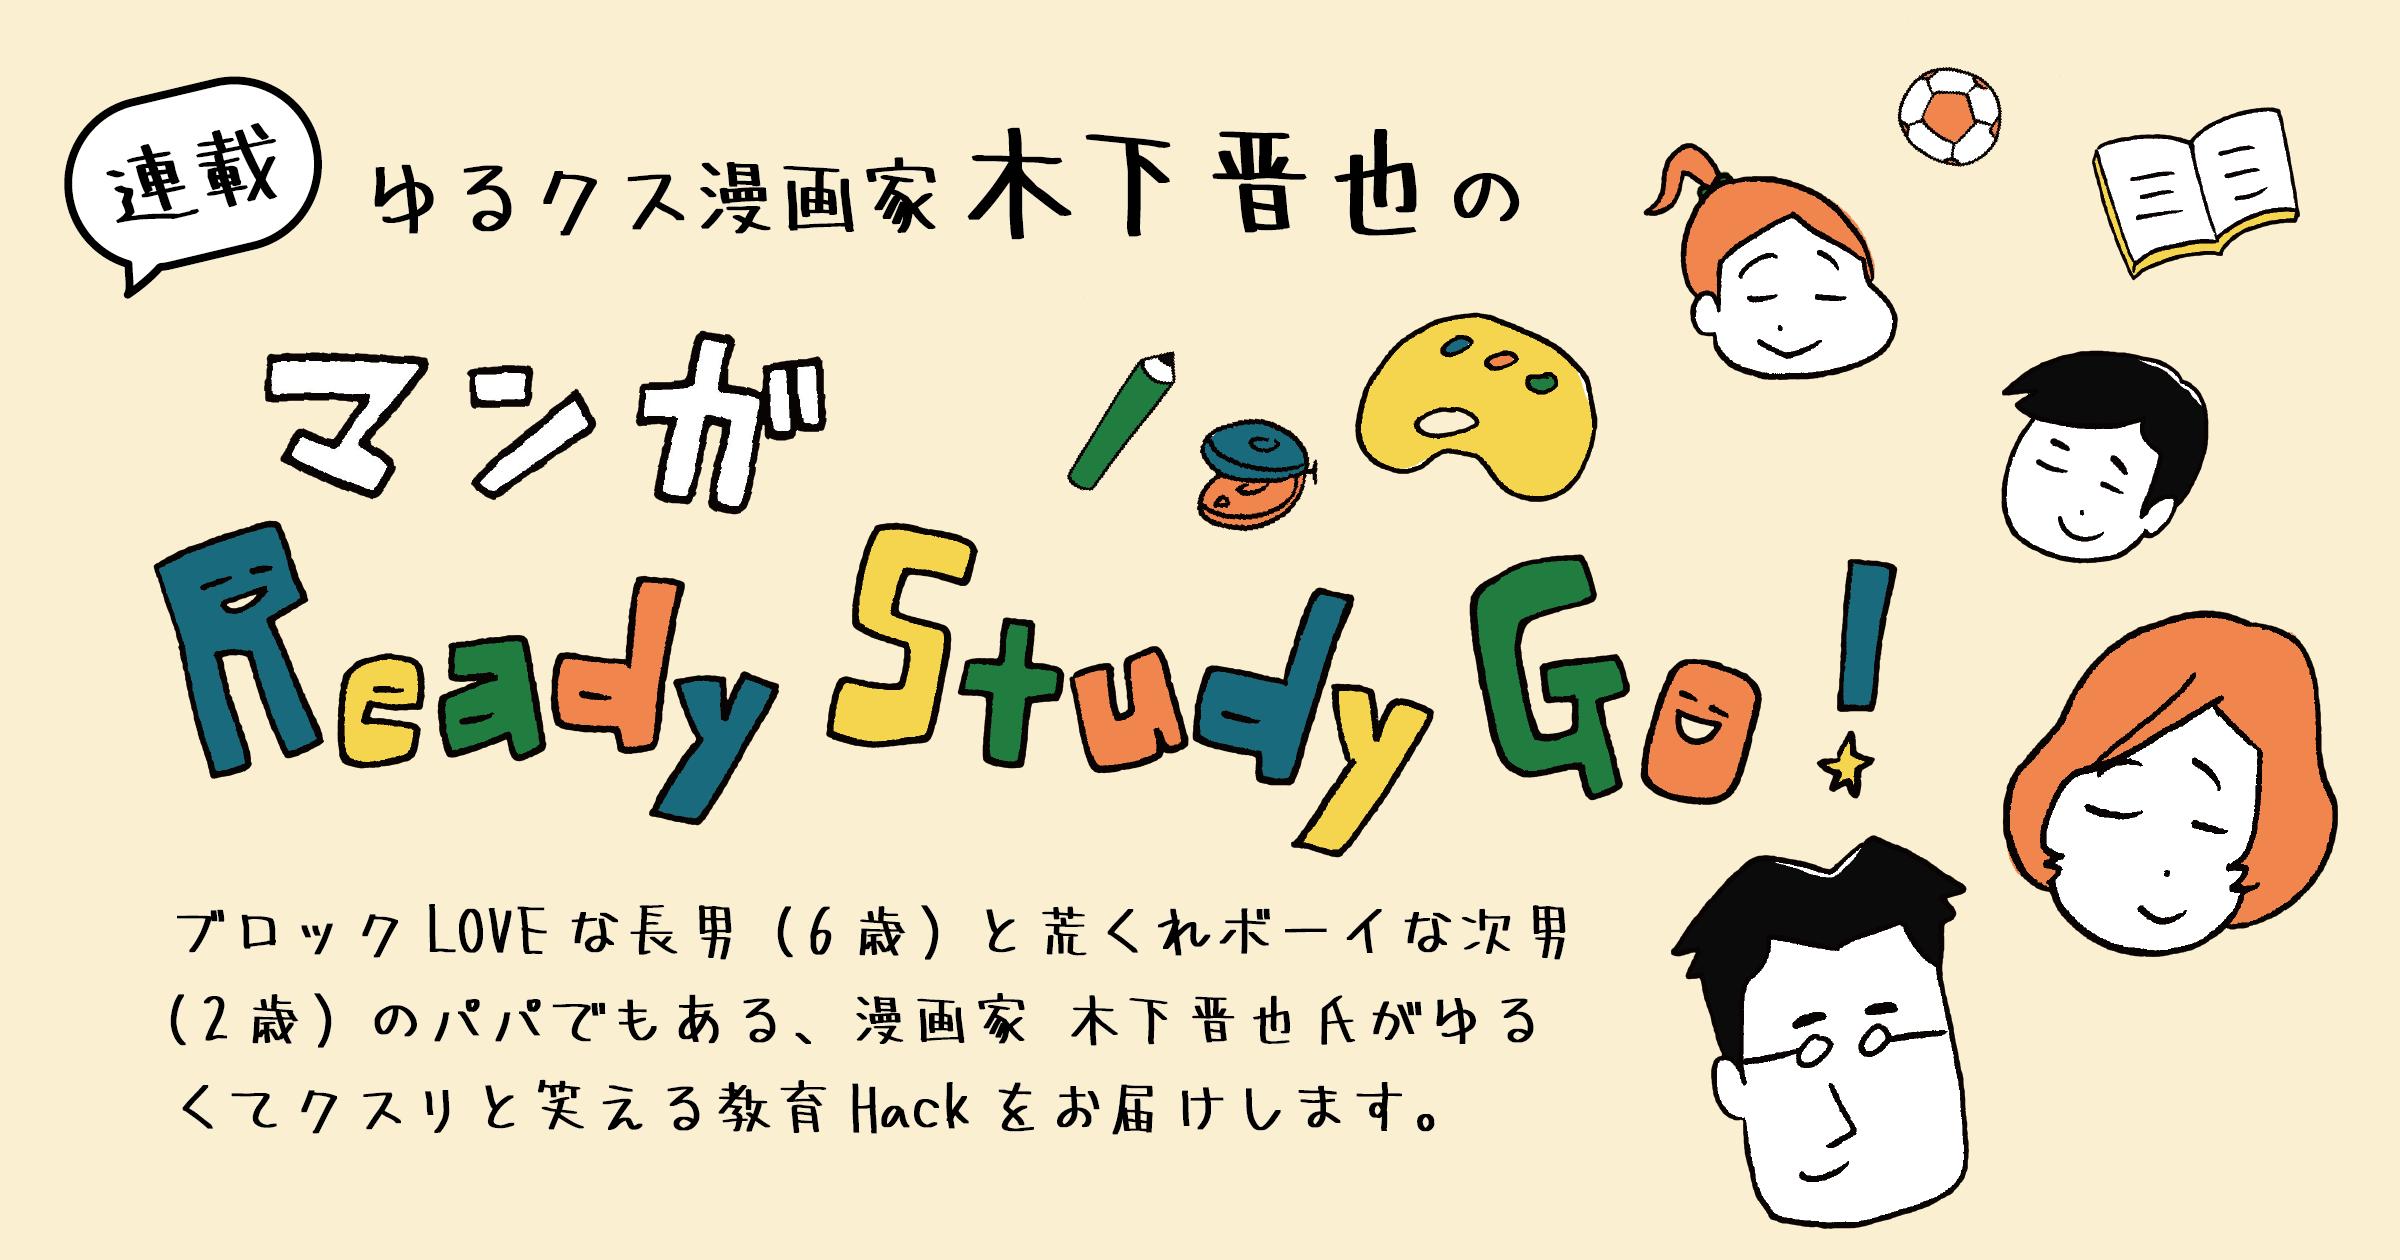 「プログラミング教育の必修化に向けて」ゆるクス漫画家 木下晋也のマンガ Ready Study Go!【第1回】